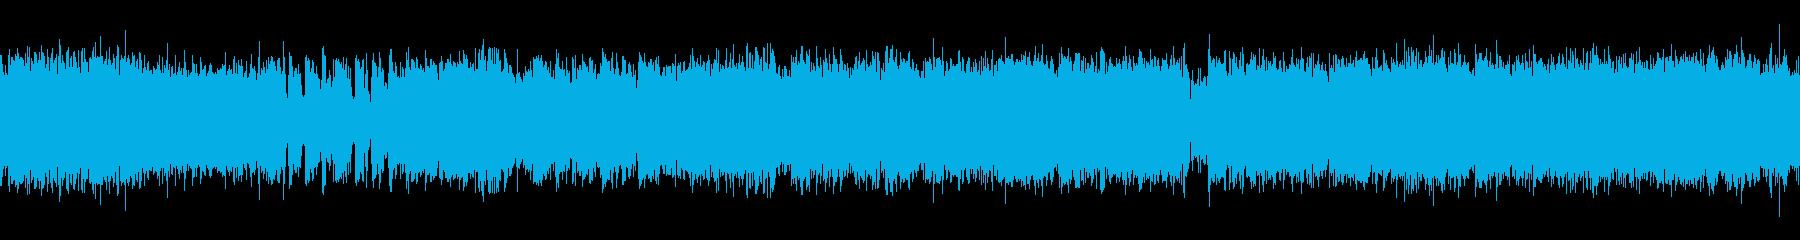 ループ 疾走感ある和風ロックバトルBGMの再生済みの波形